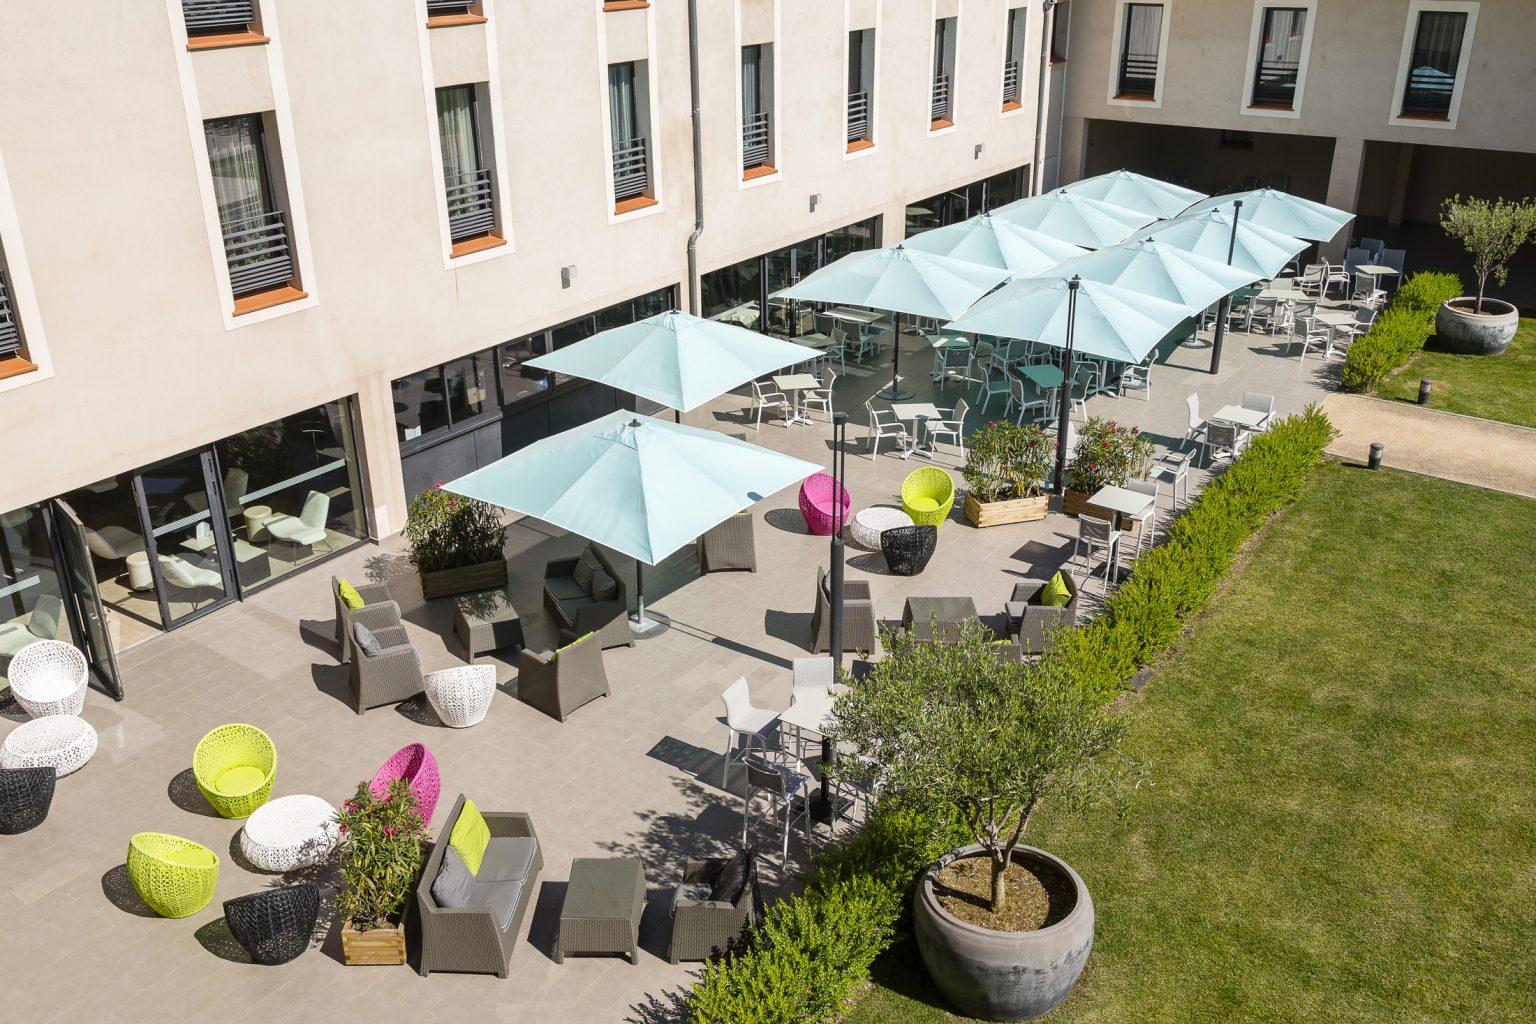 terrasse ensoleillee restaurant var